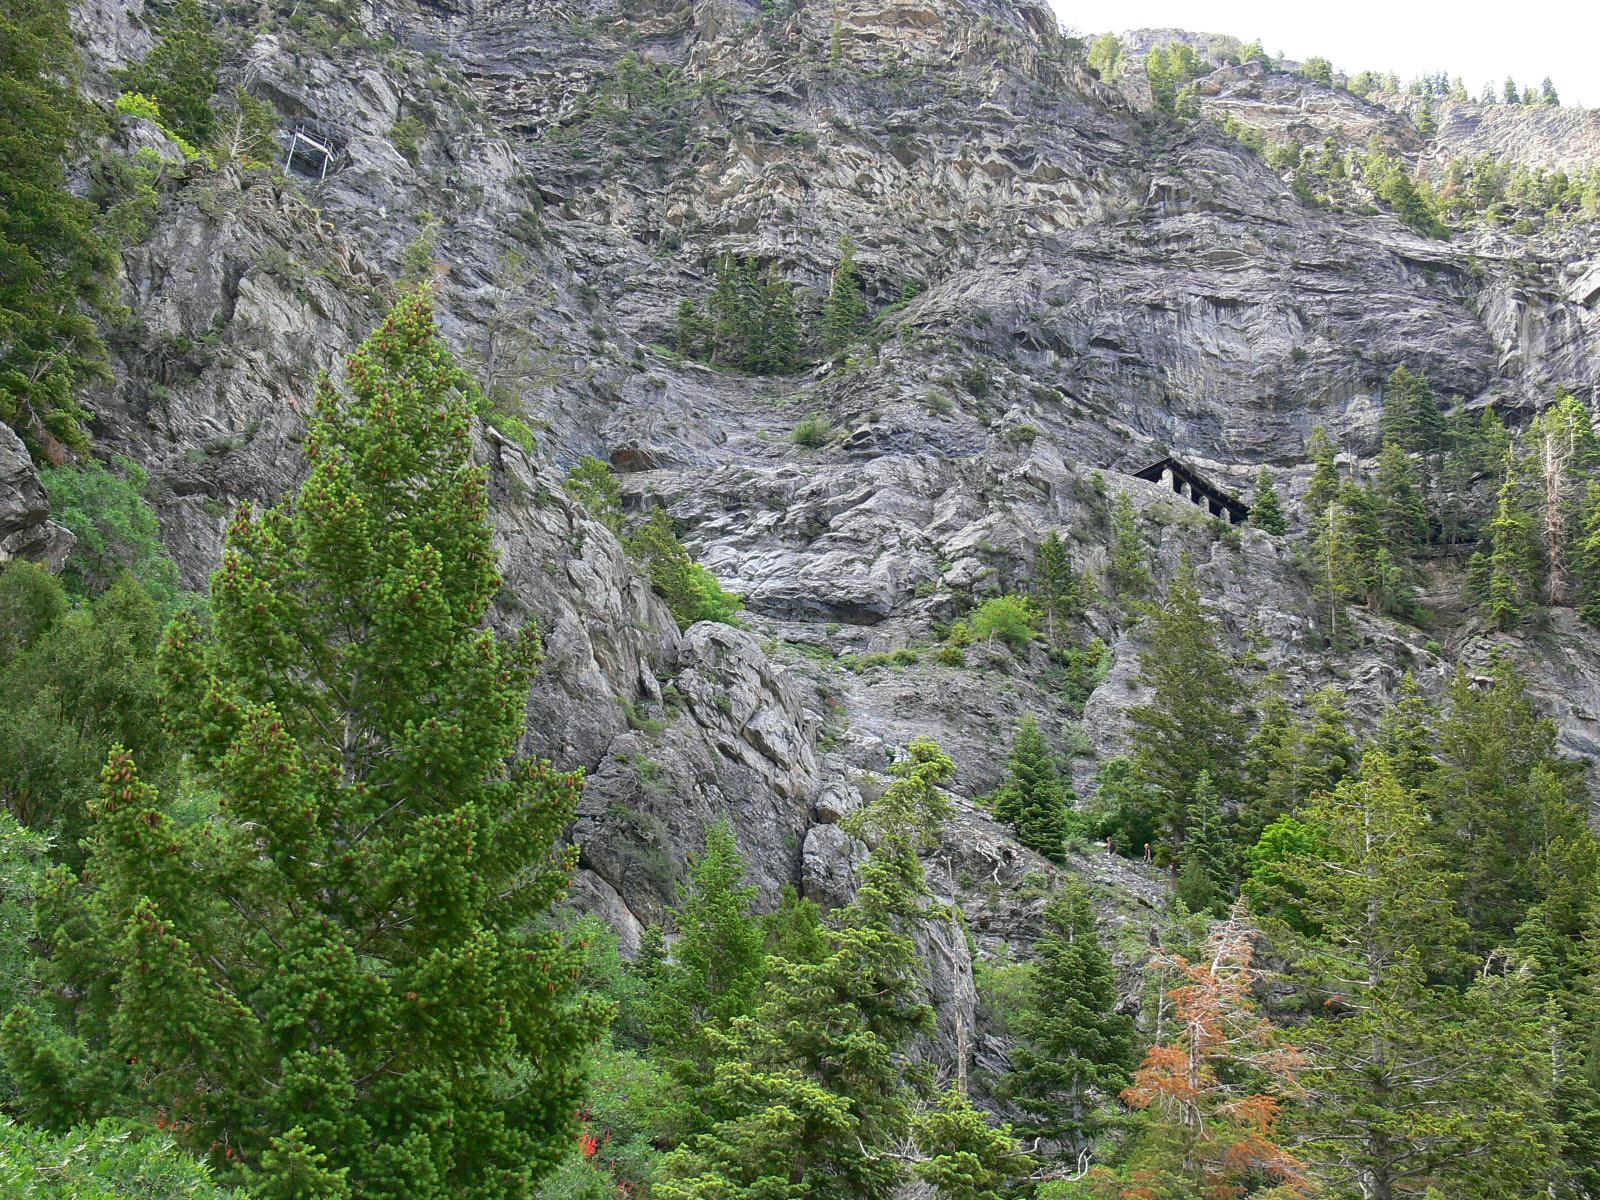 timpanogos cave, timpanogos cave national monument, utah